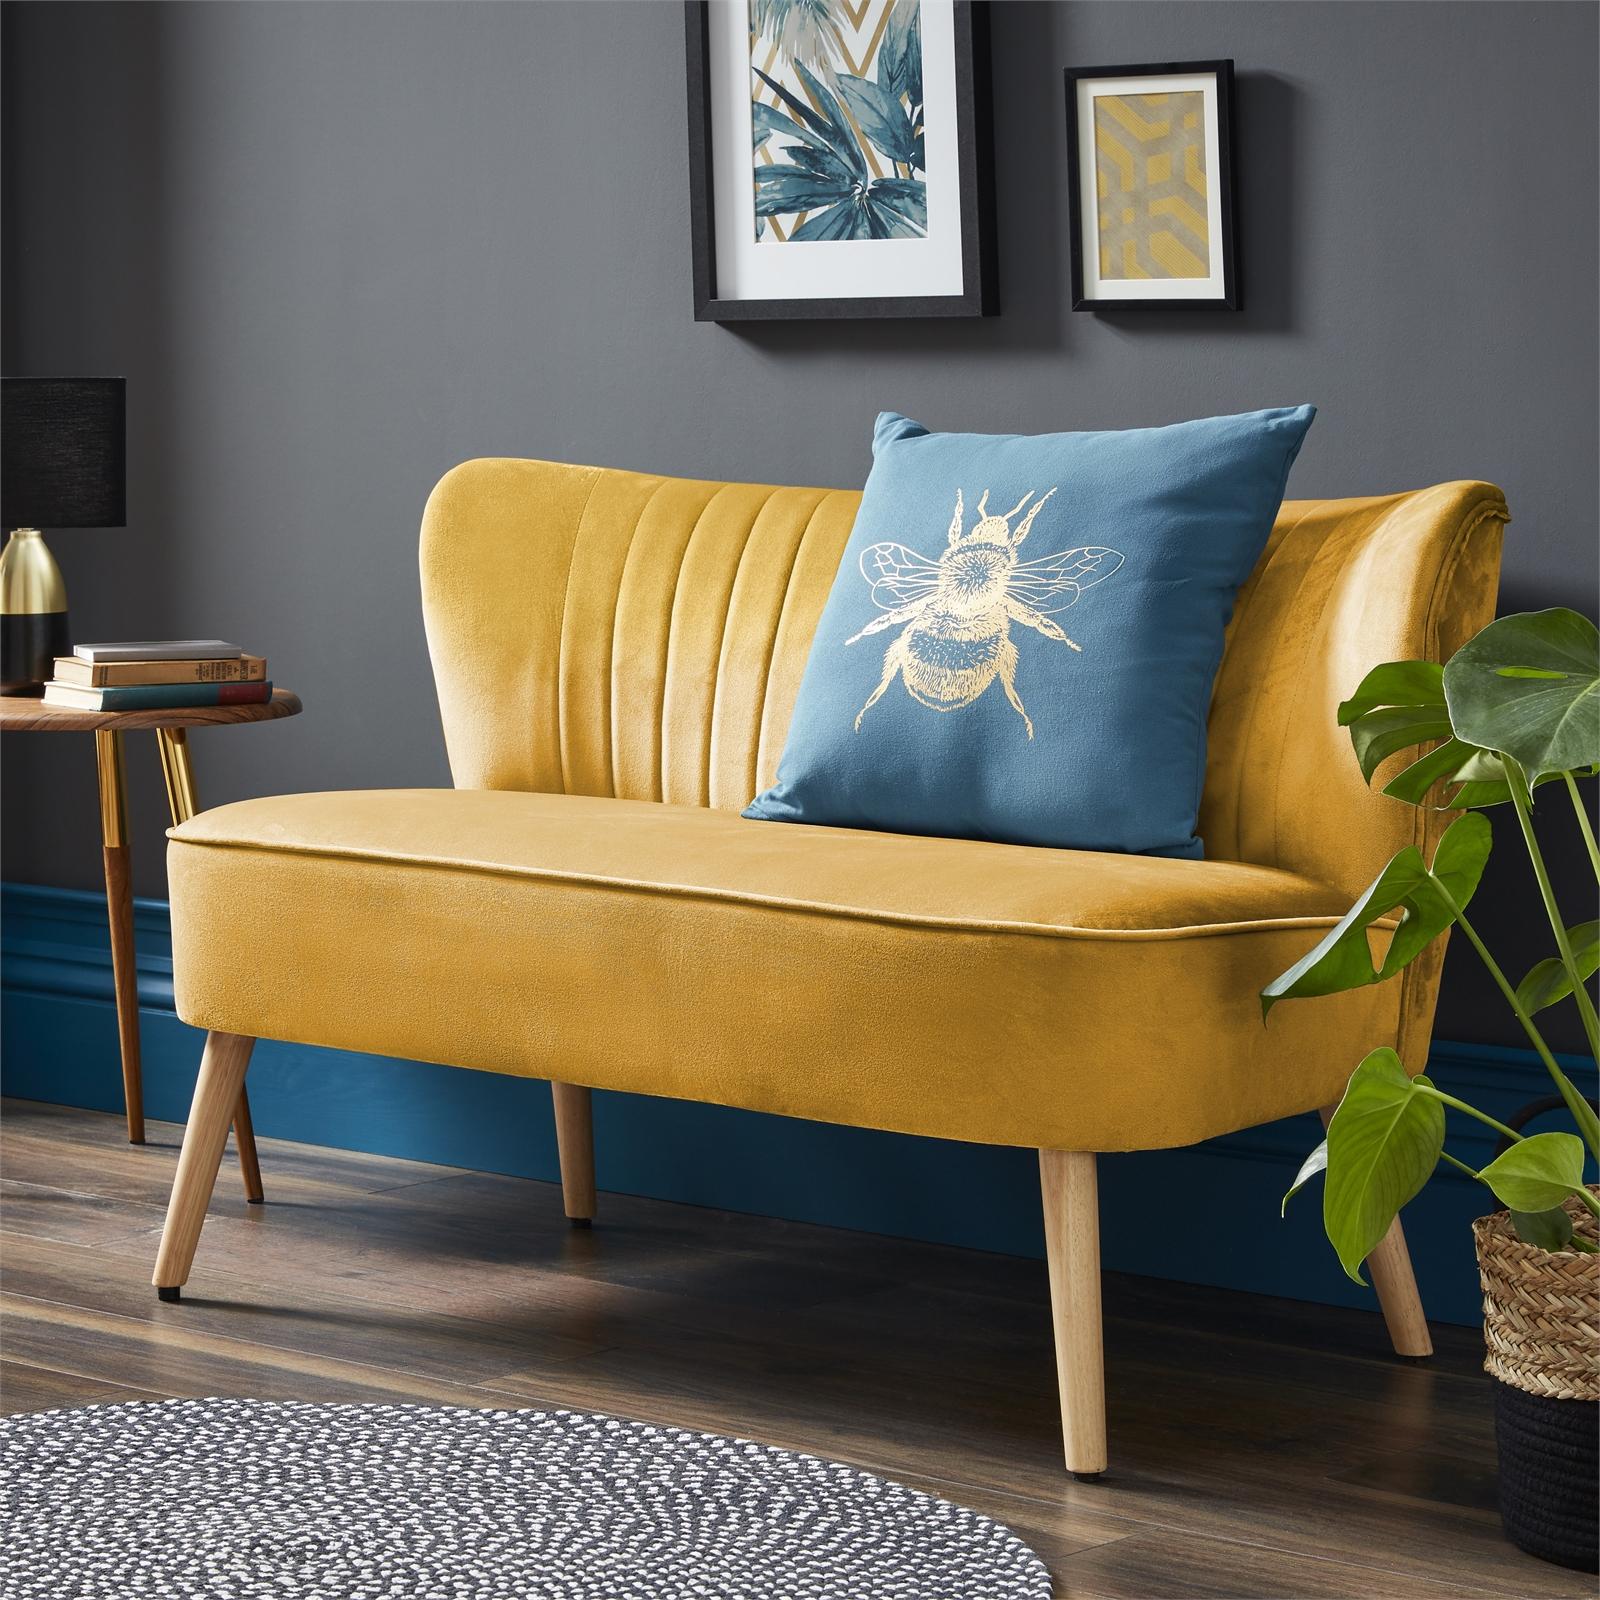 Cocktail Sofa (Grey or Ochre) - £120 Delivered @ Homebase